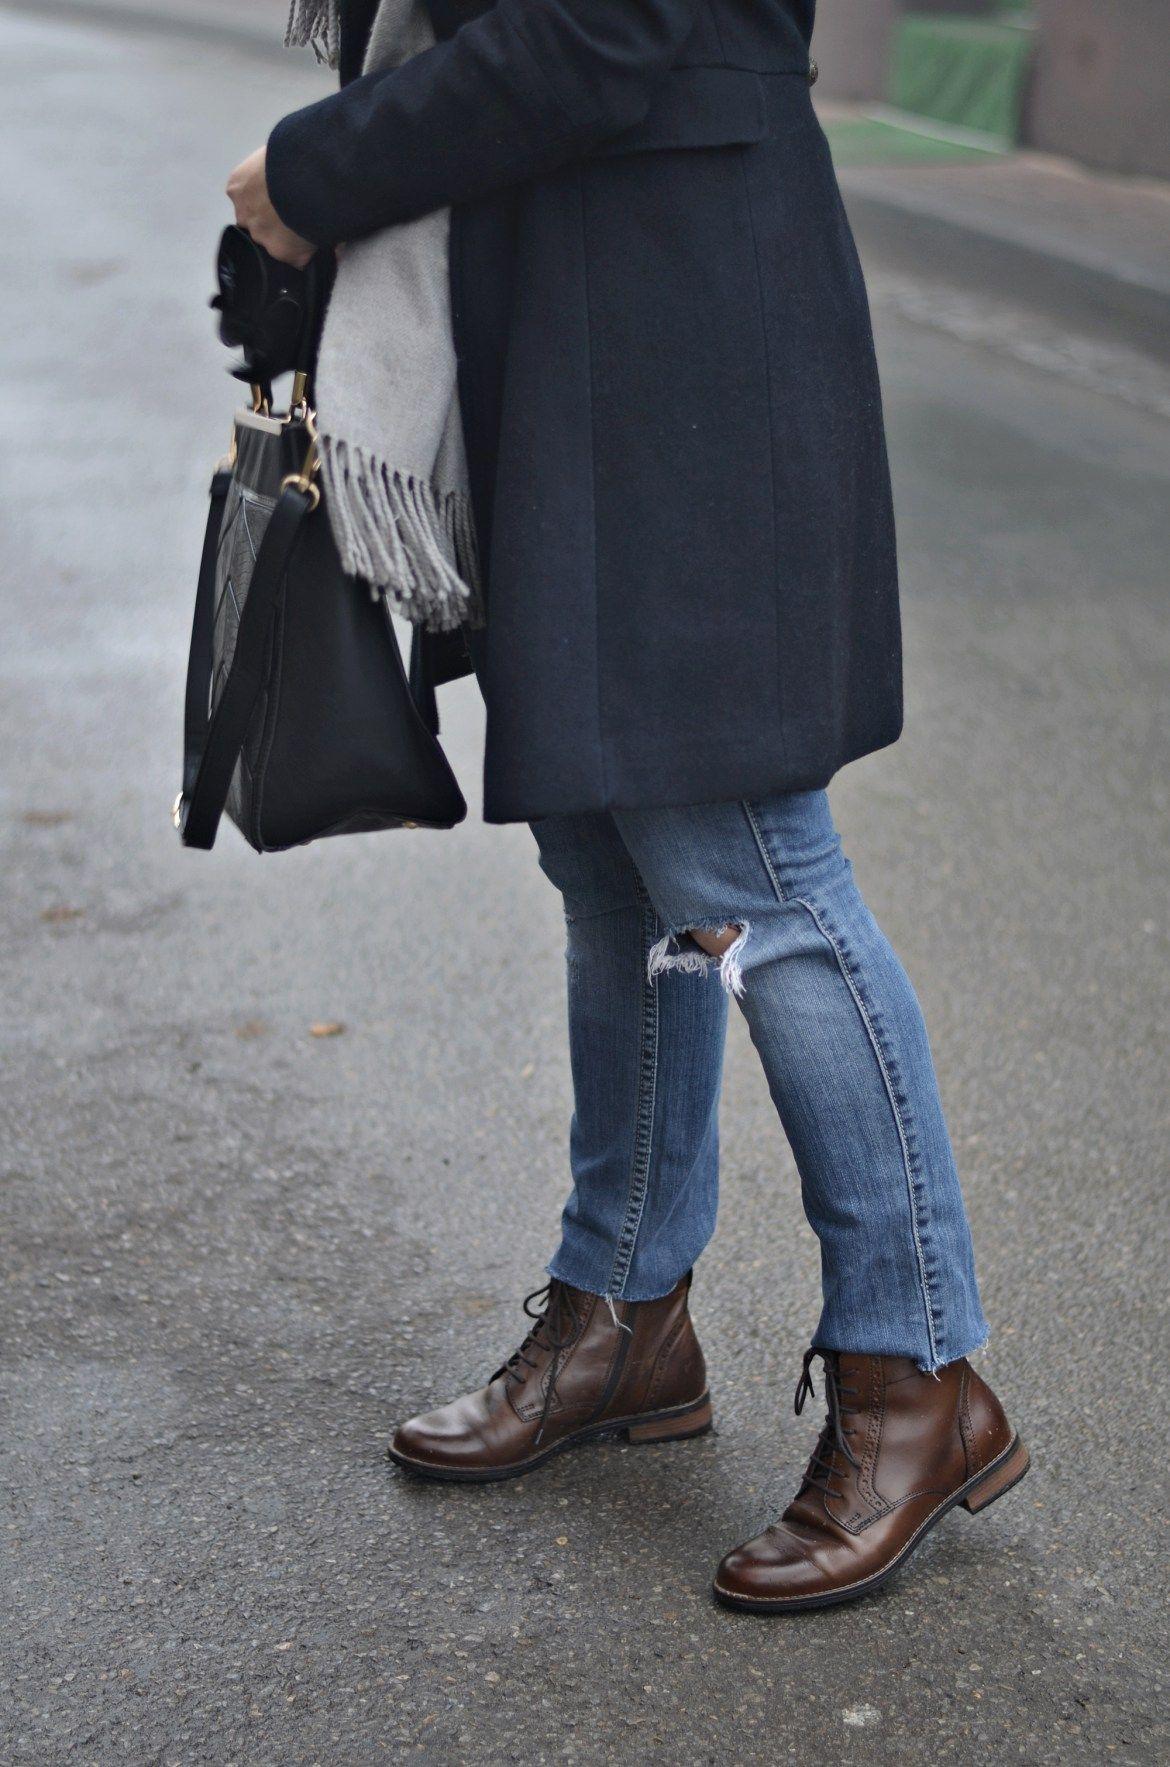 Propozycja Stylizacji Z Eleganckimi Botkami Modne Botki Skorzane Sylwetta Fashion Normcore Style